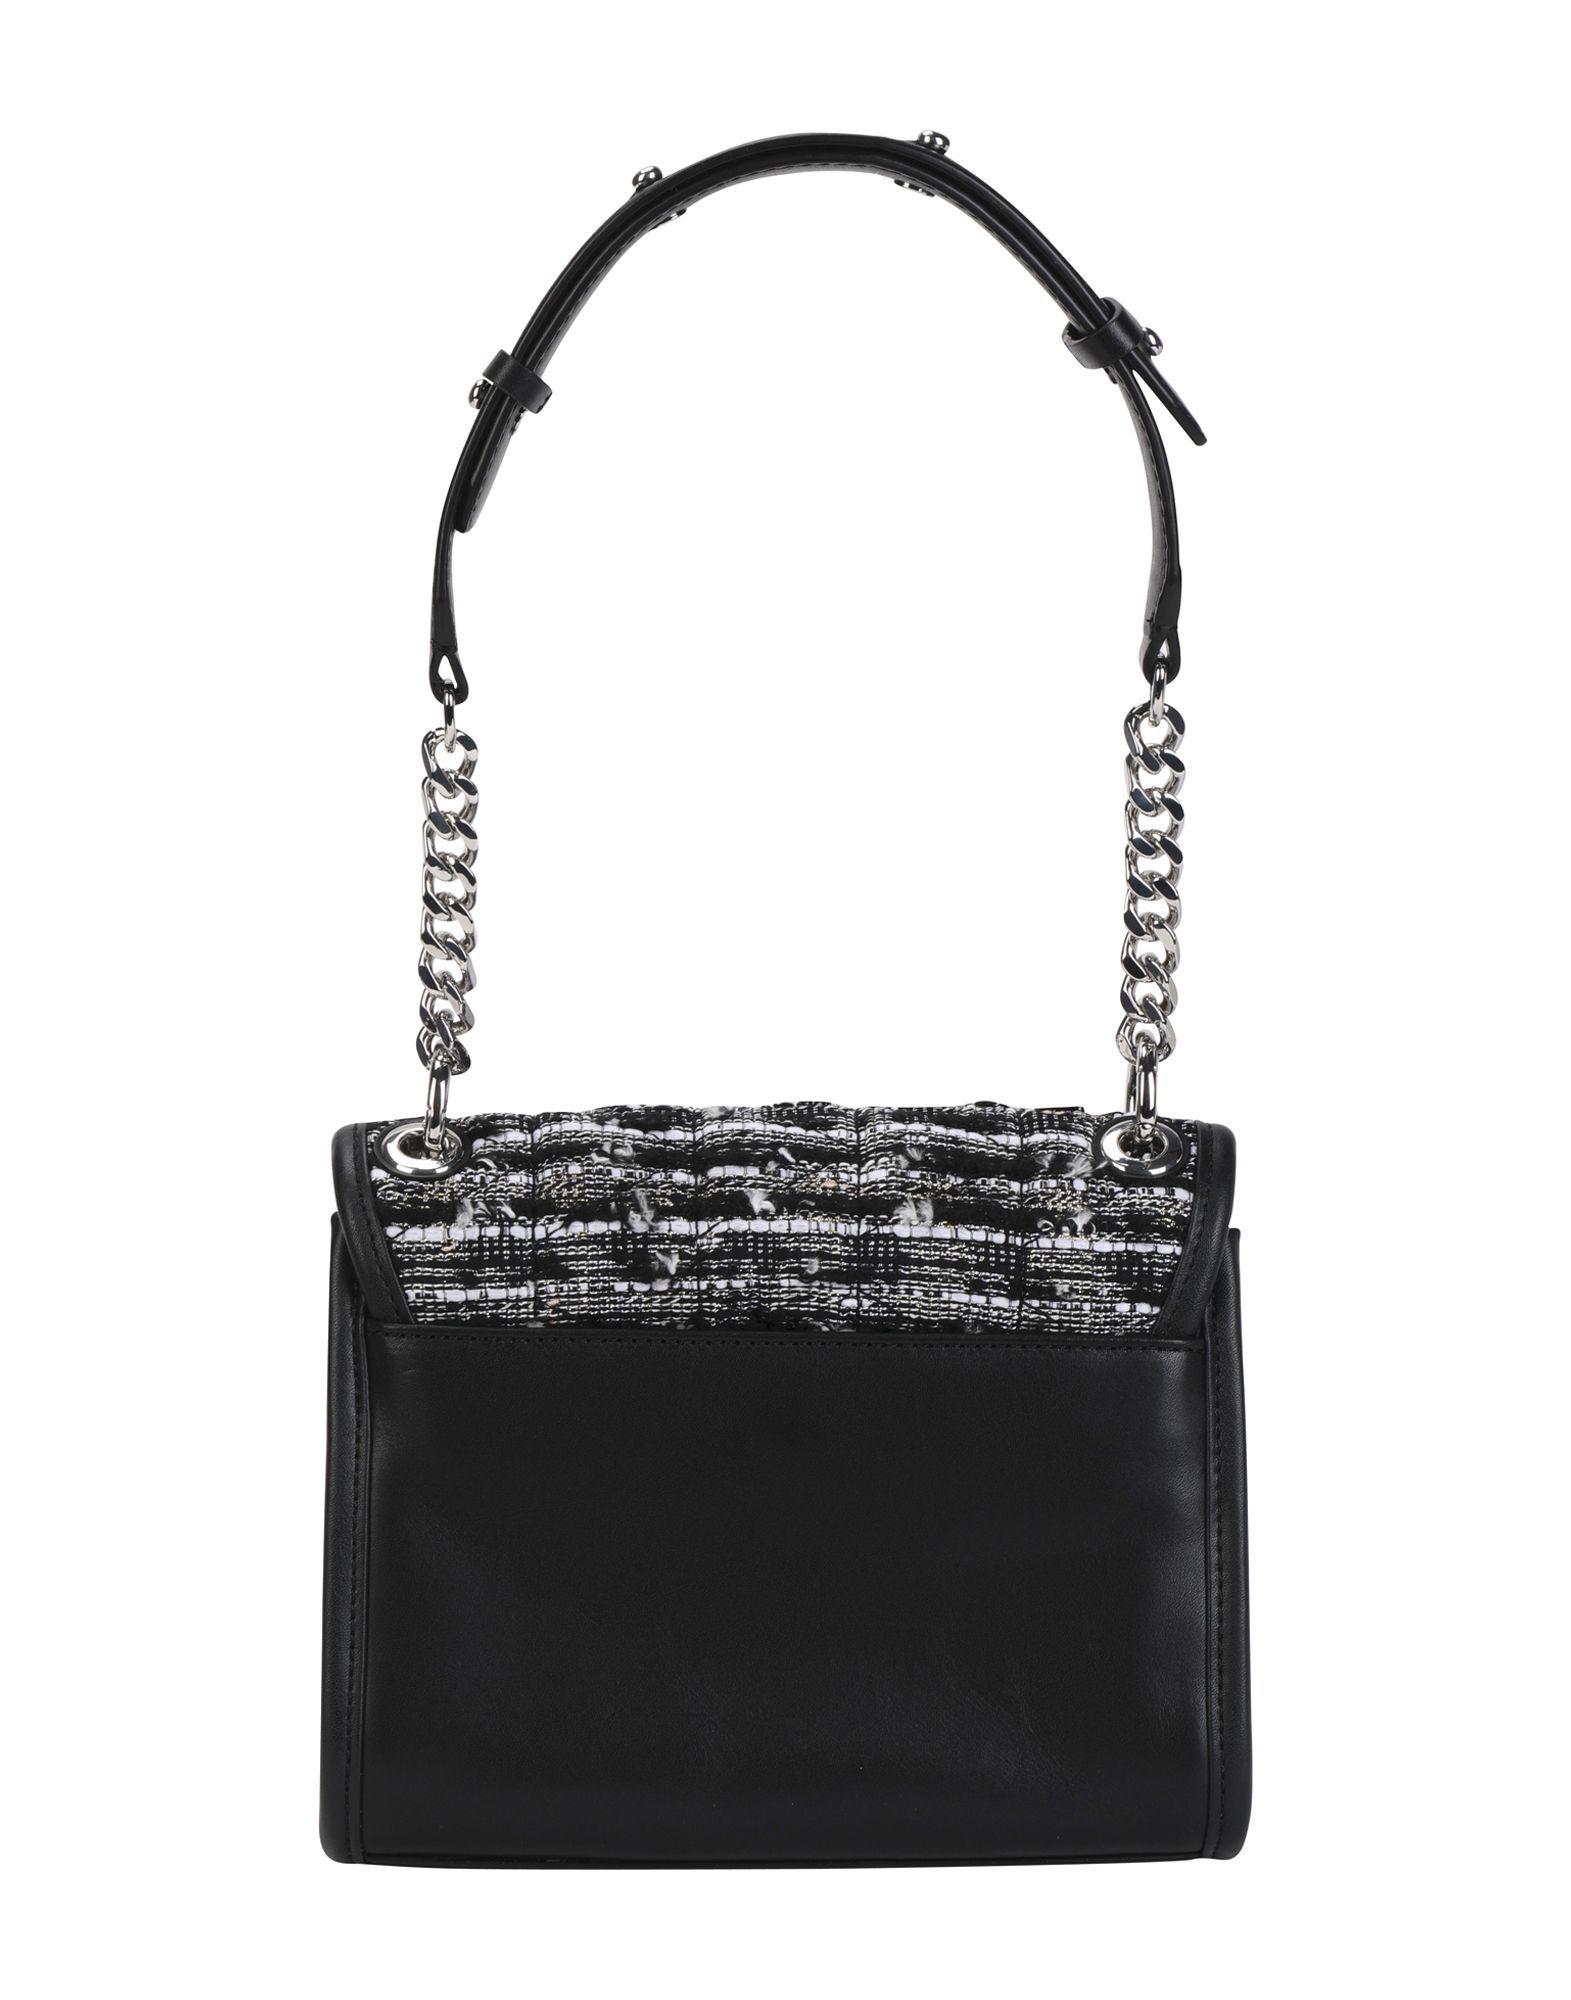 Karl Lagerfeld Black Leather Satchel Shoulder Bag